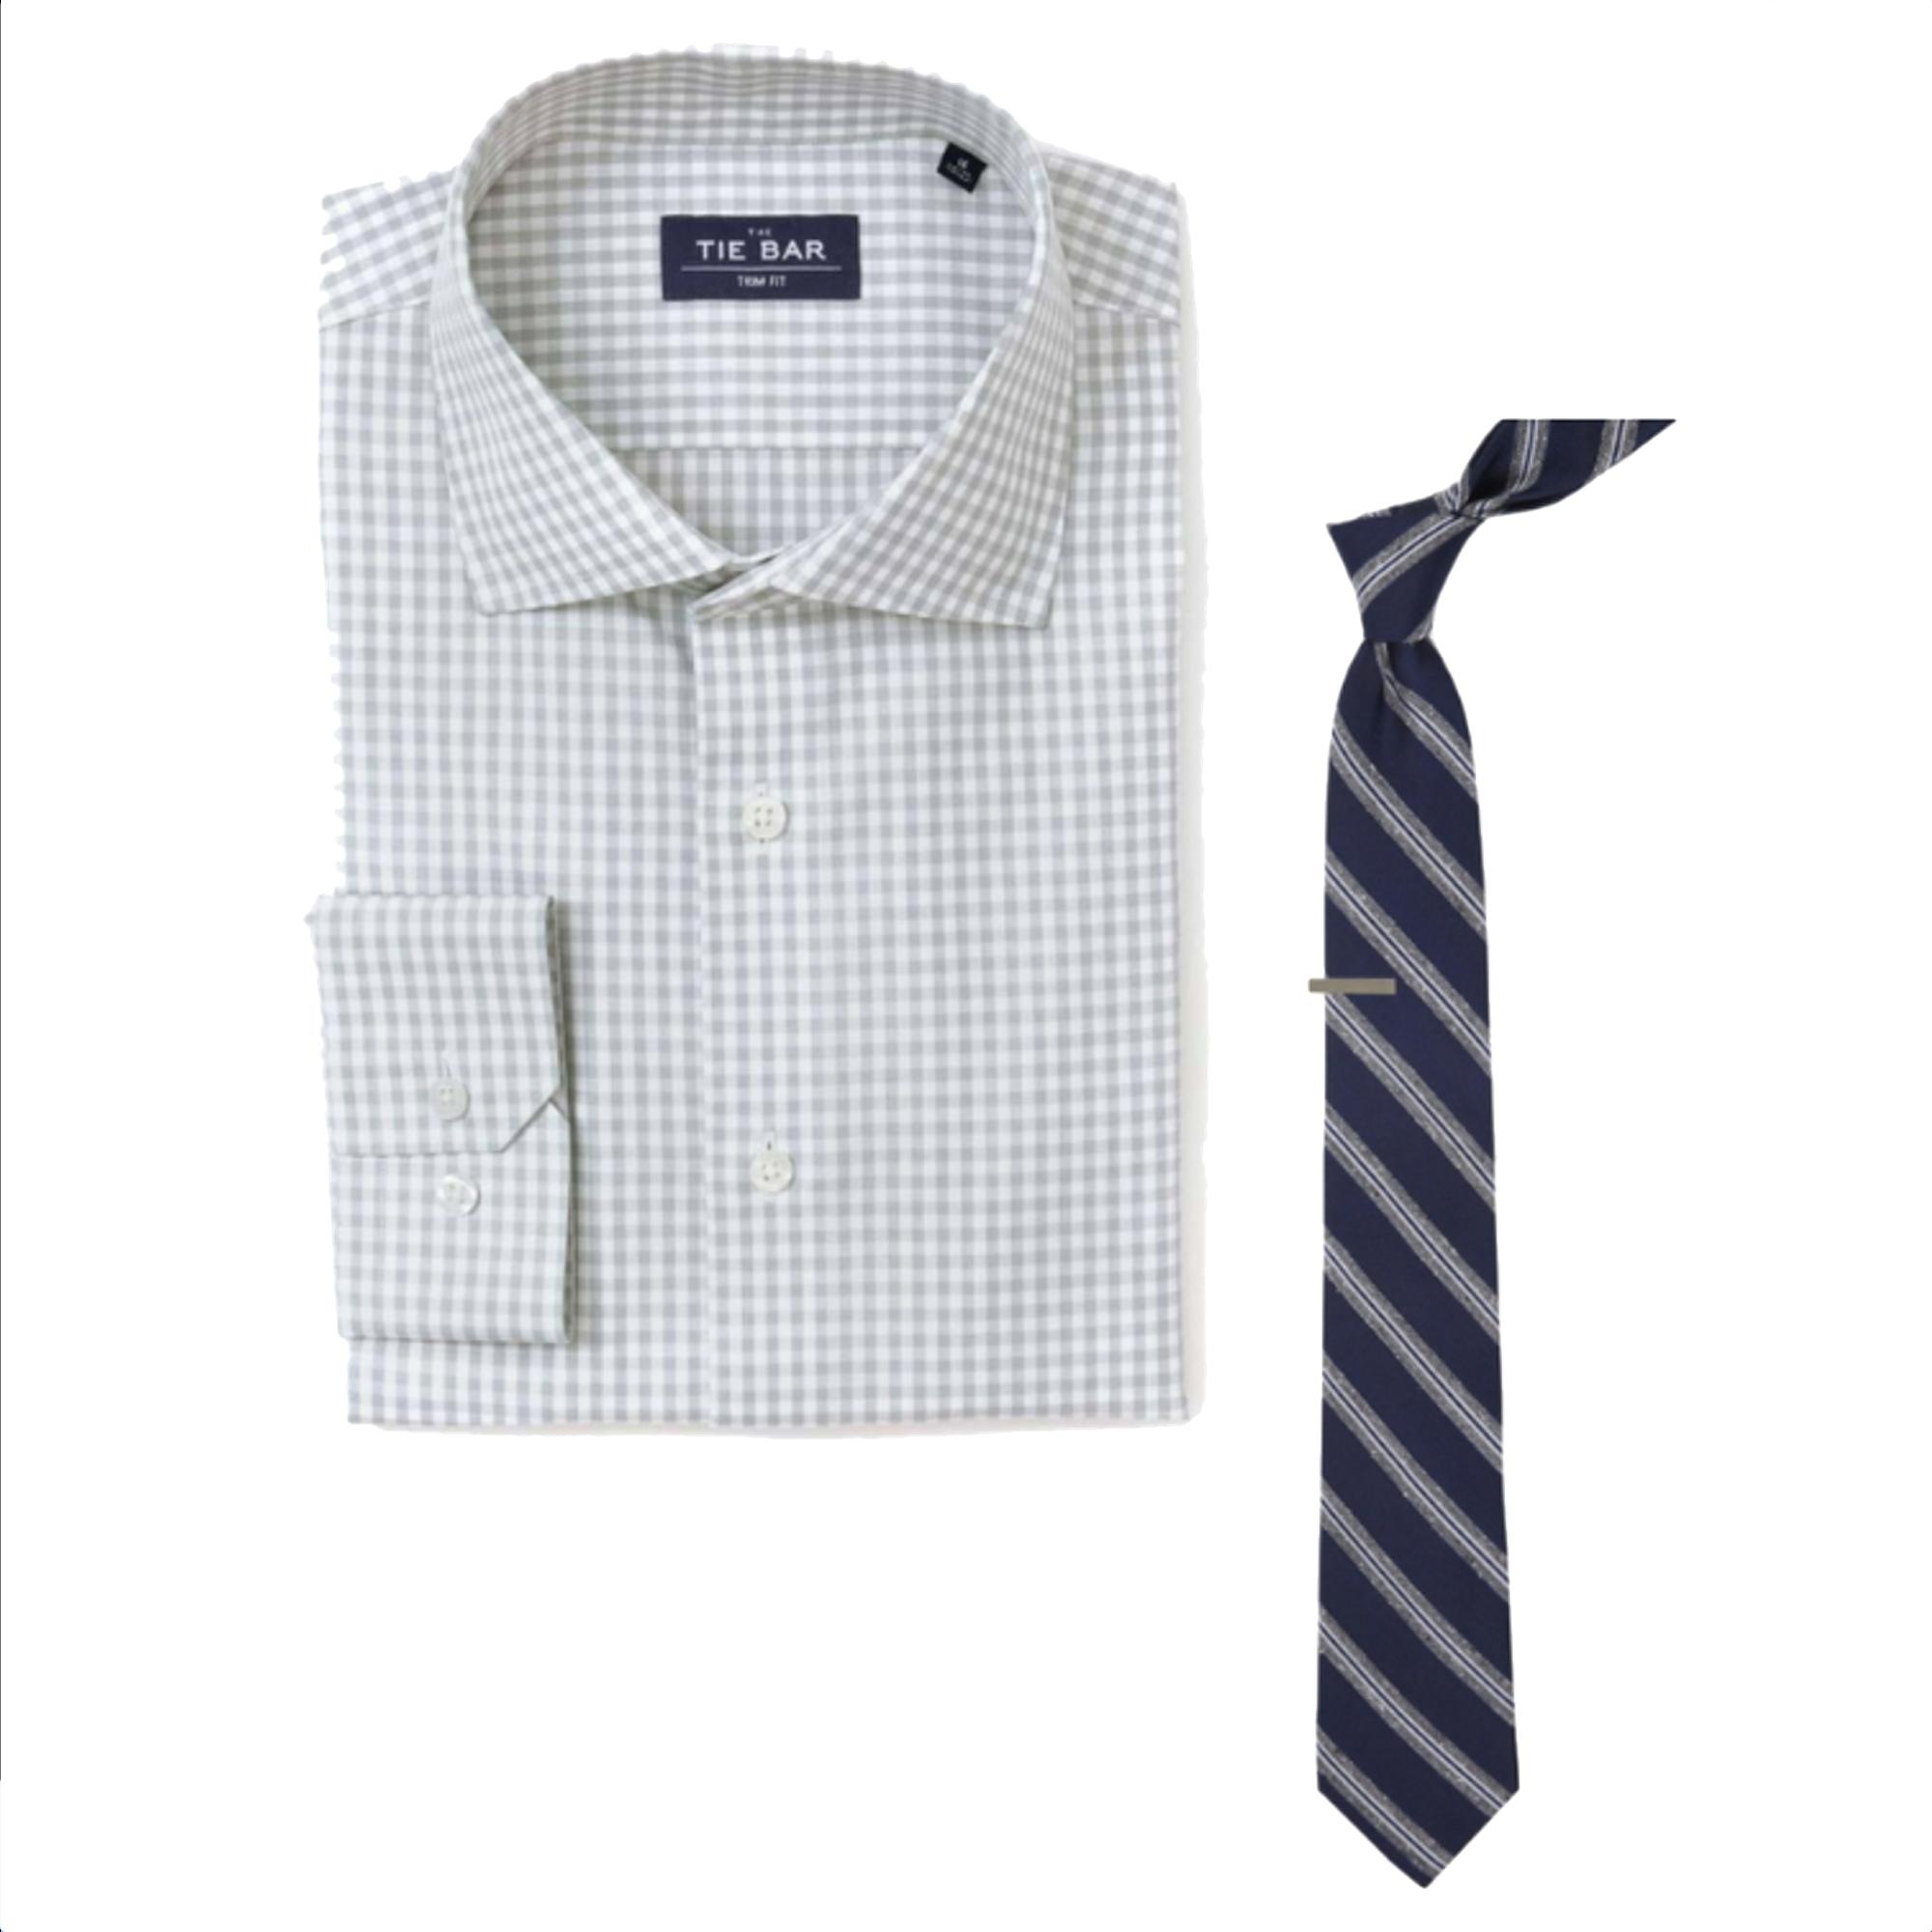 The Tie Bar Shirt & Tie Combo